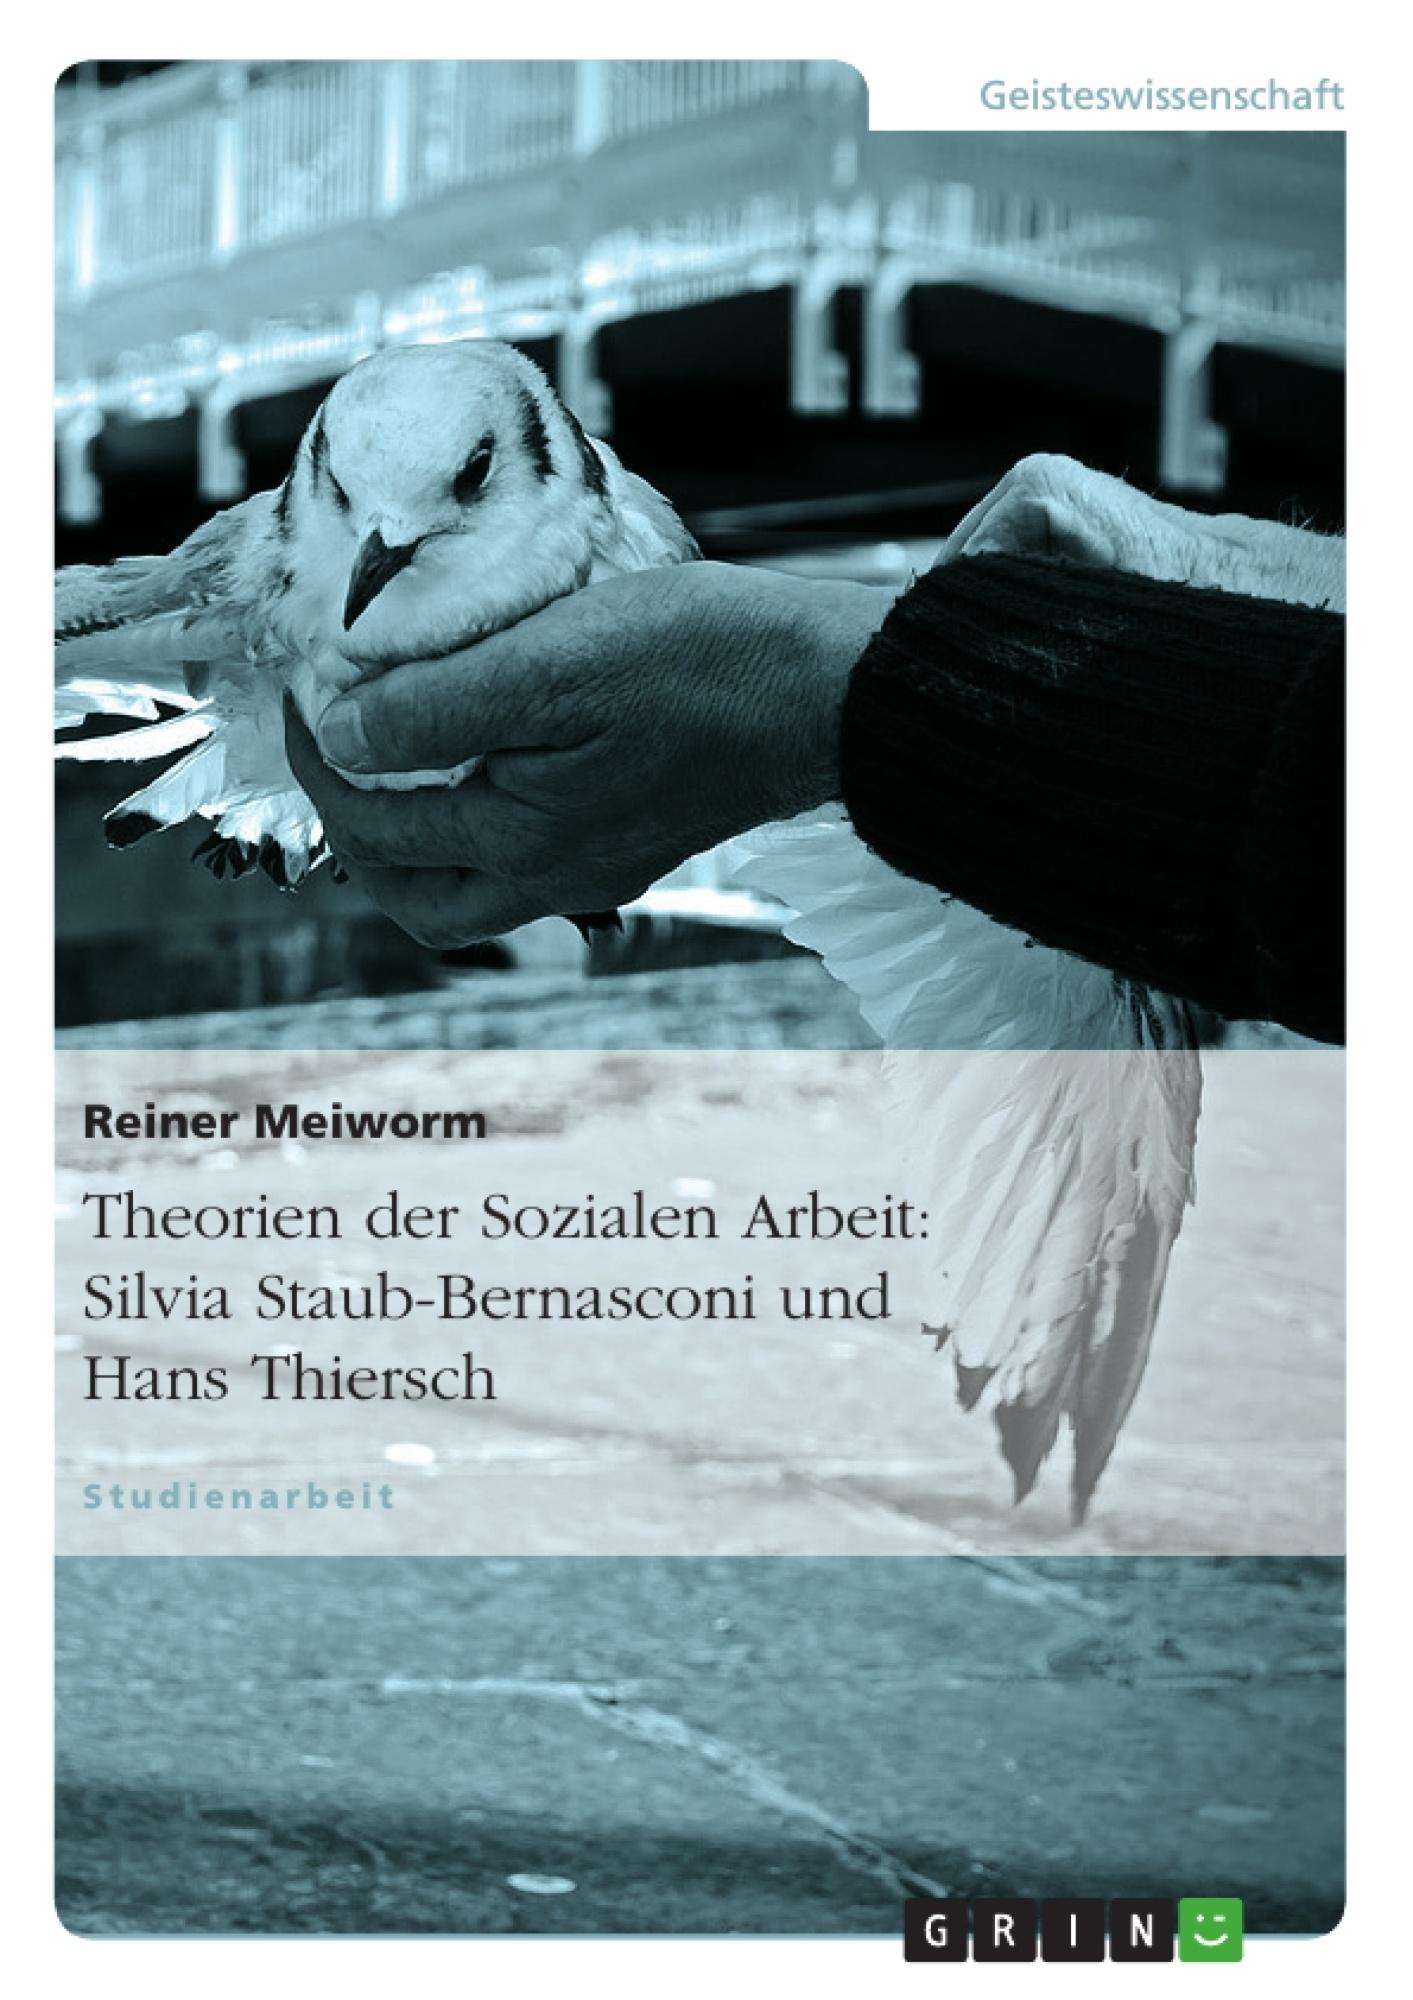 Titel: Theorien der Sozialen Arbeit: Silvia Staub-Bernasconi und Hans Thiersch